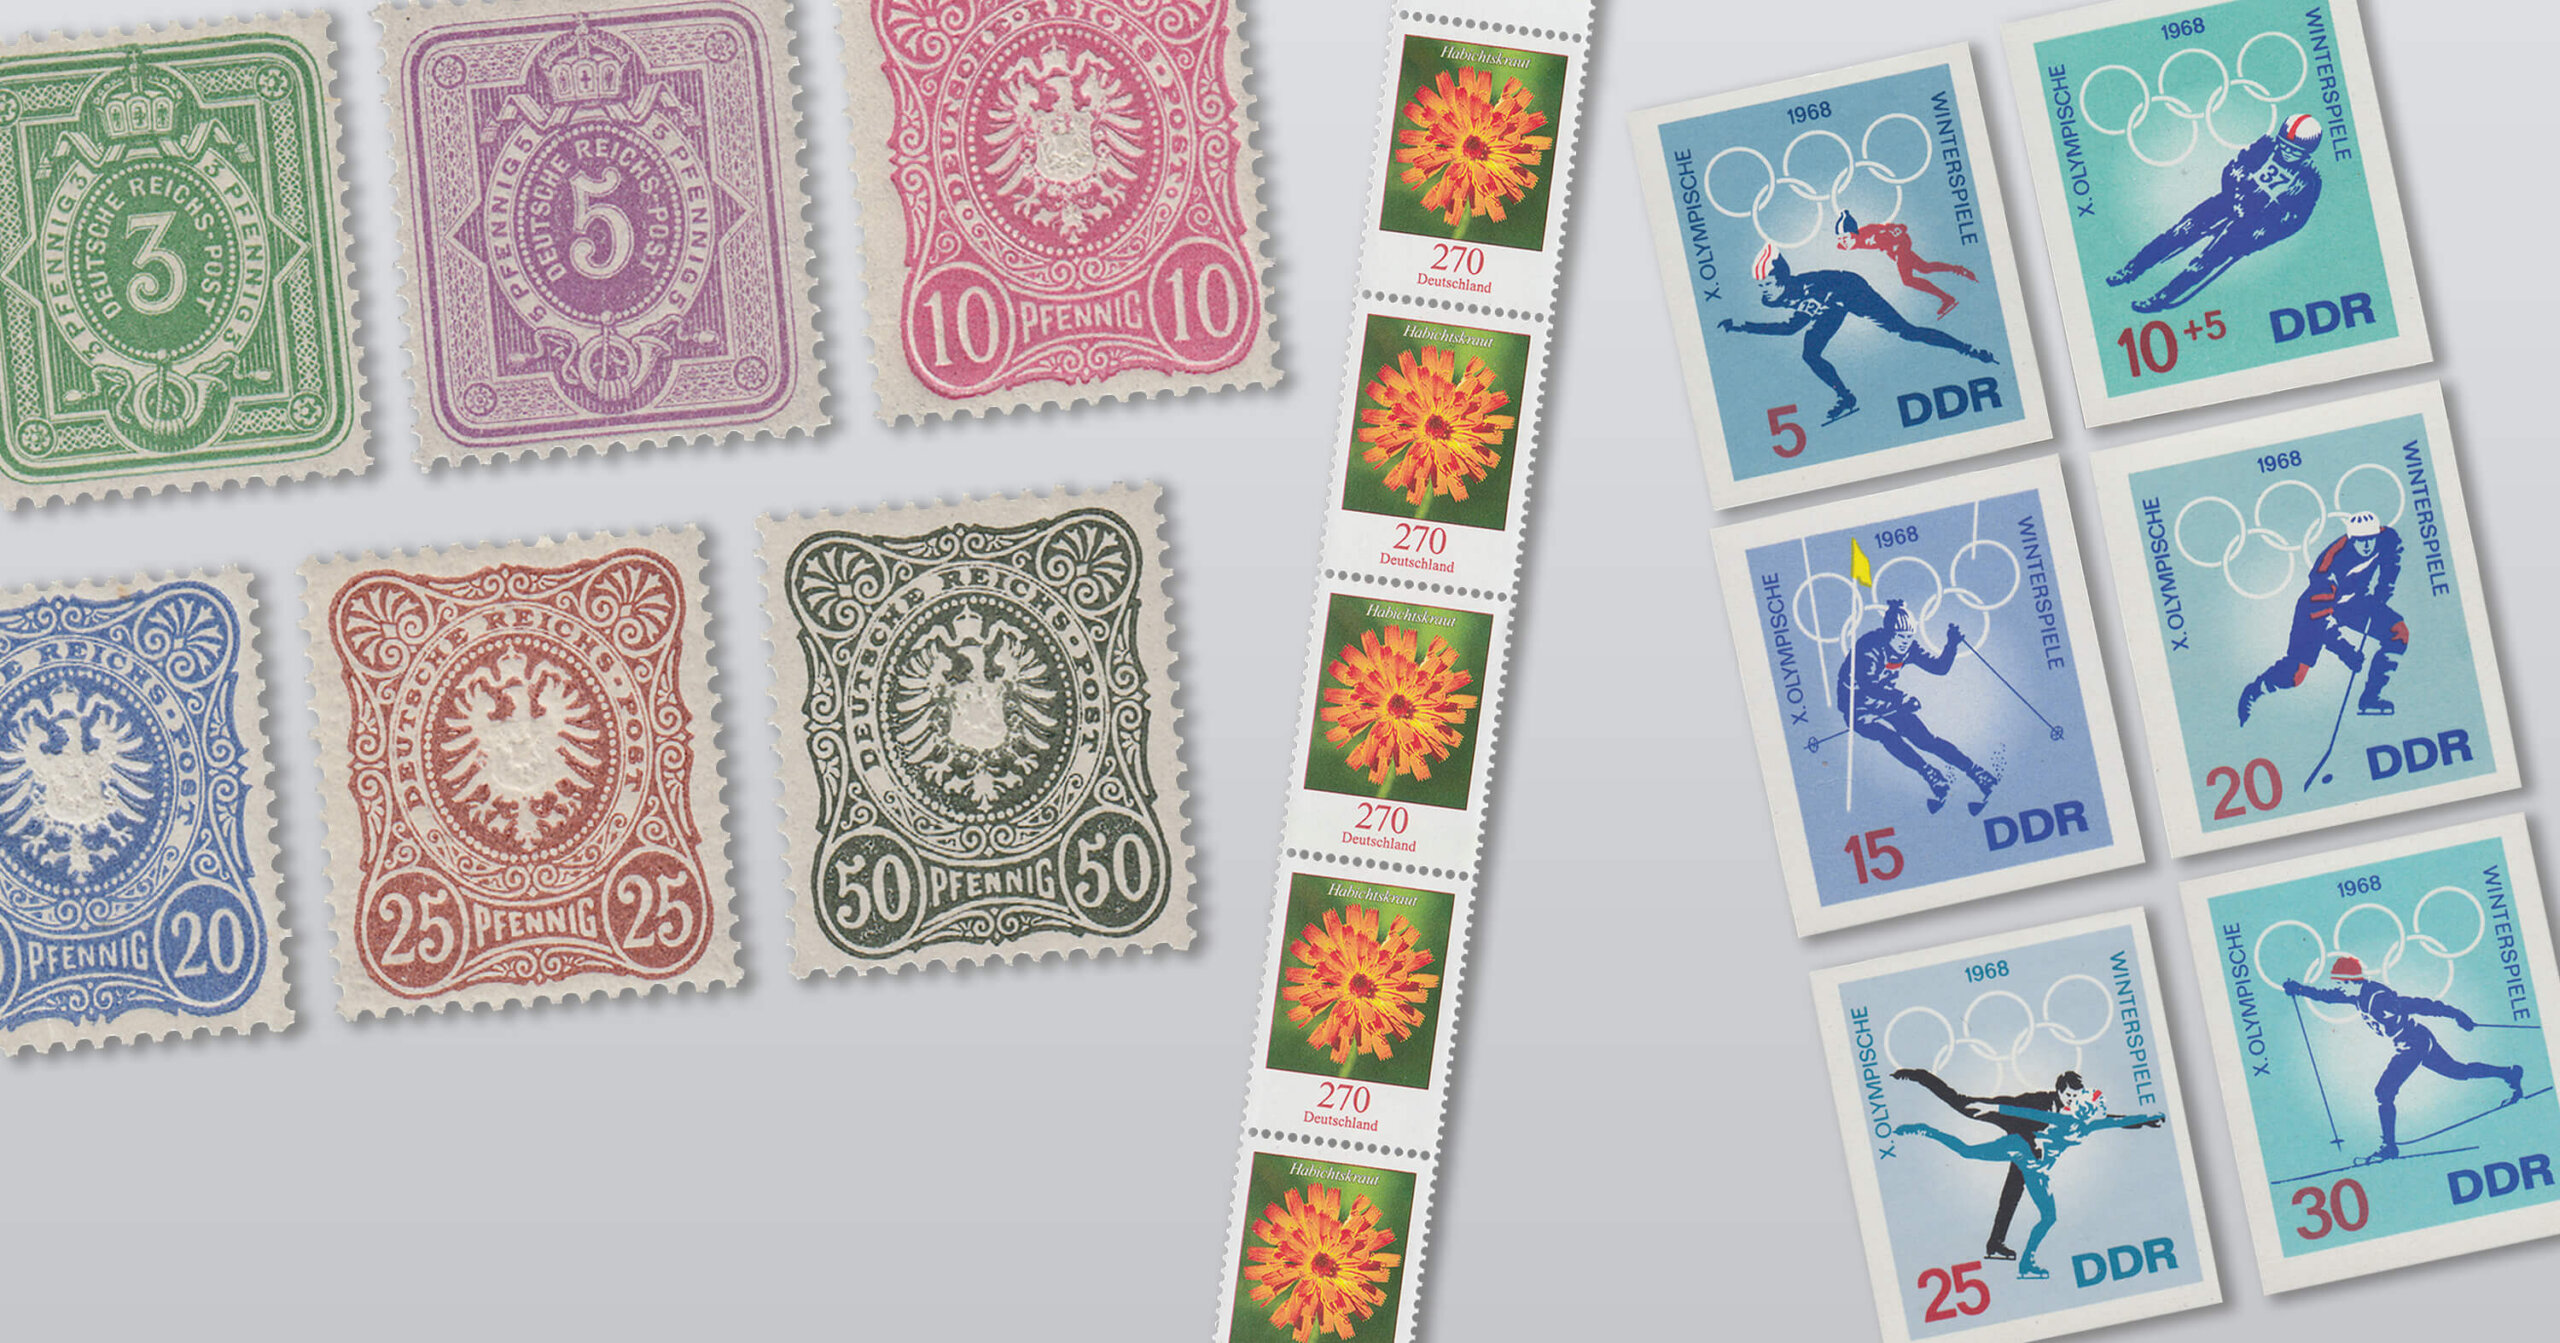 Zeitlose-welt-briefmarken-8-2020